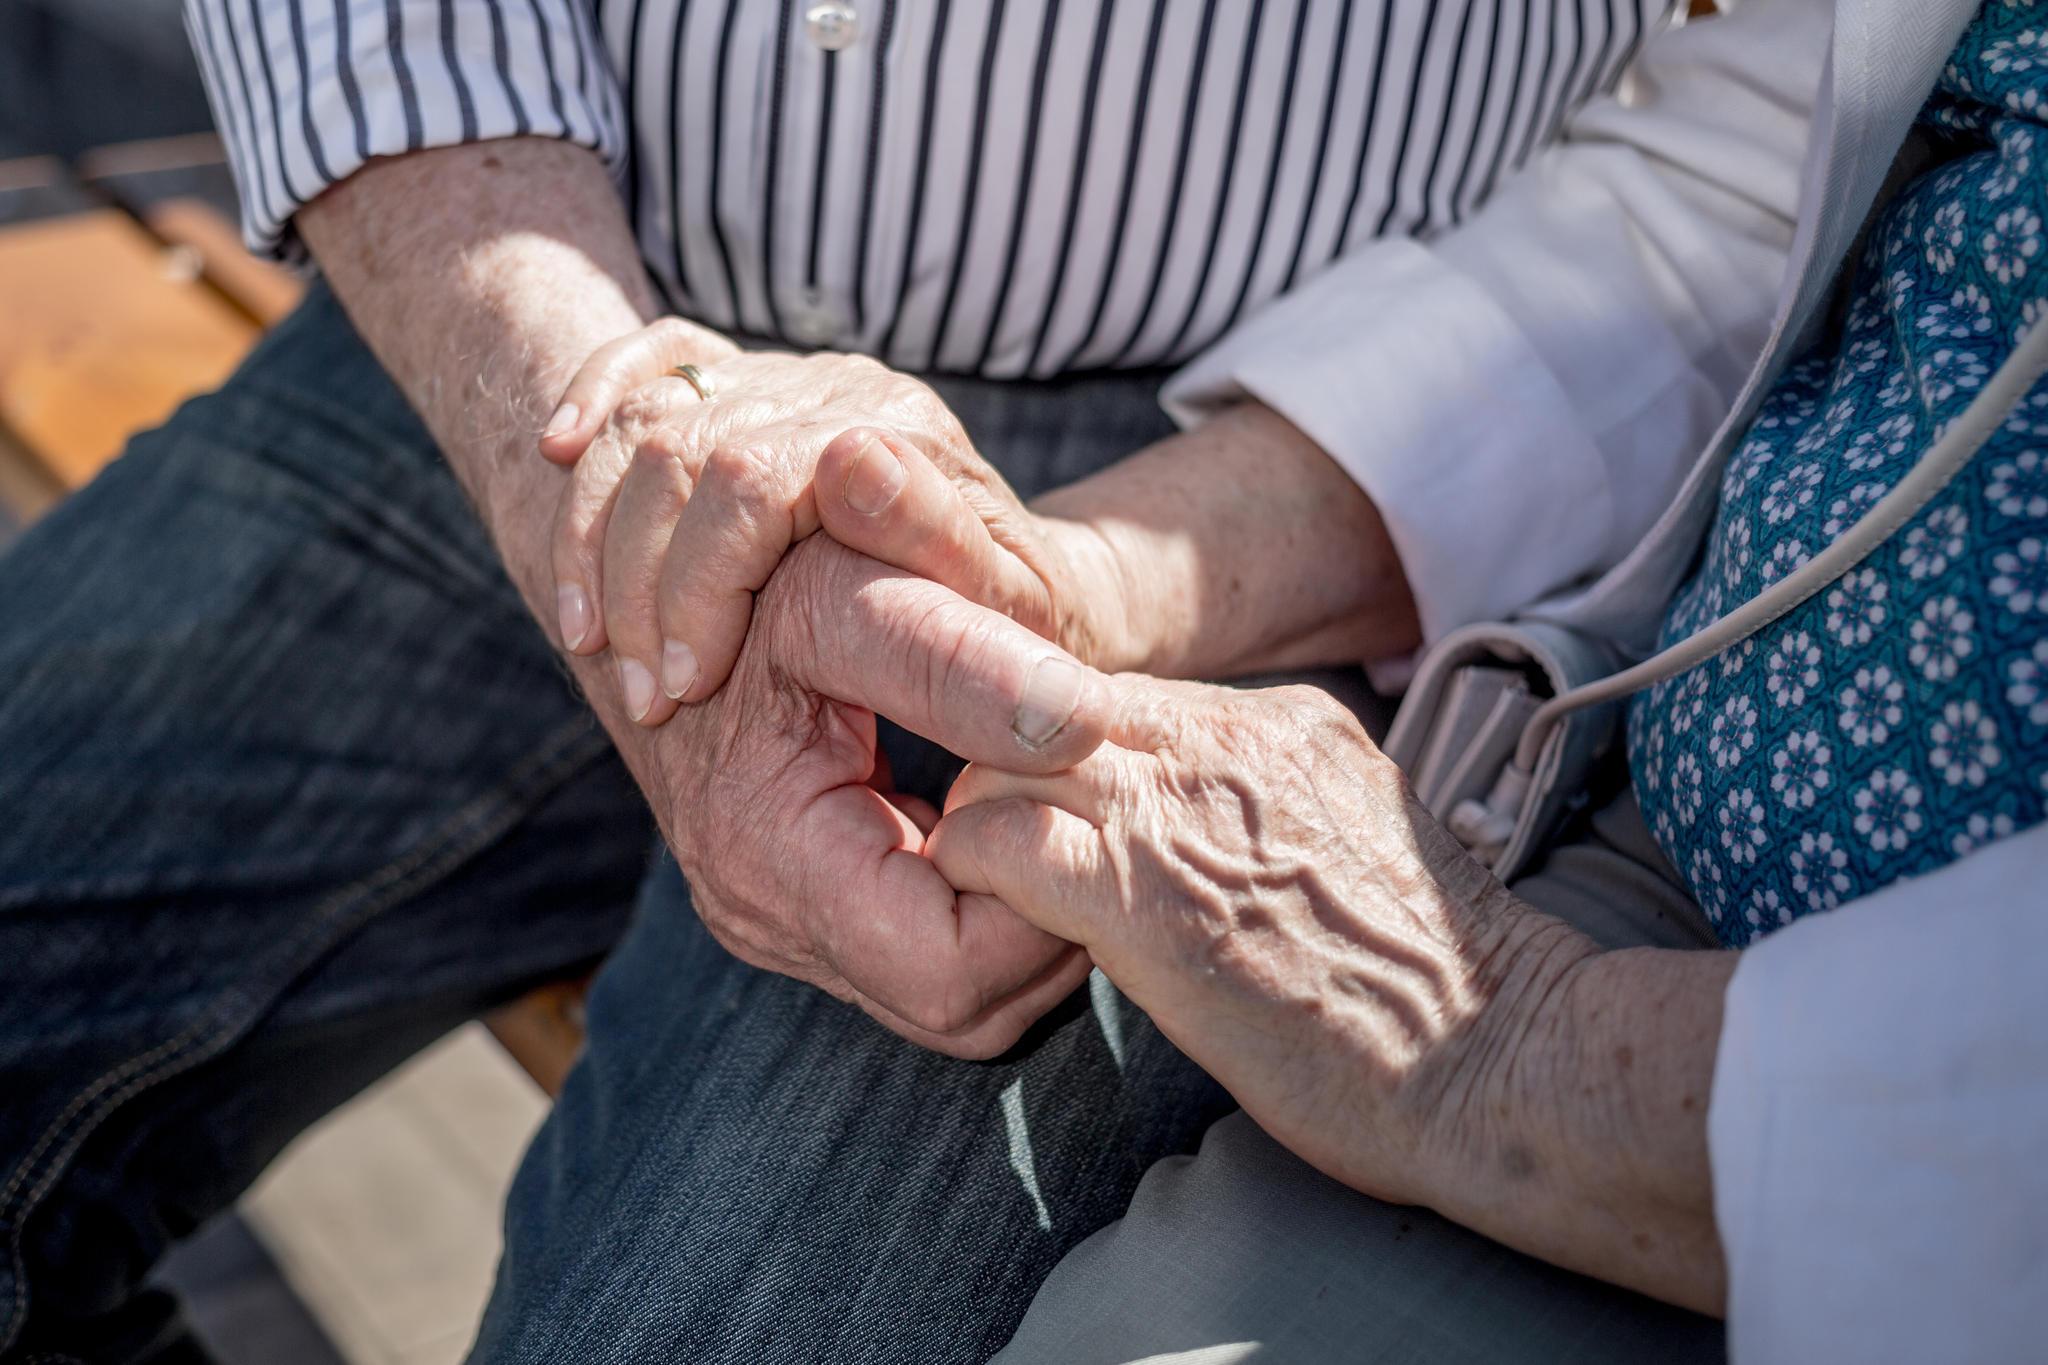 Die Schweizerin Sonja Grob, 58, begleitete vor 15 Jahren ihre Eltern in den freiwilligen Tod. Anders als in Deutschland ist Sterbehilfe in der Schweiz legal.